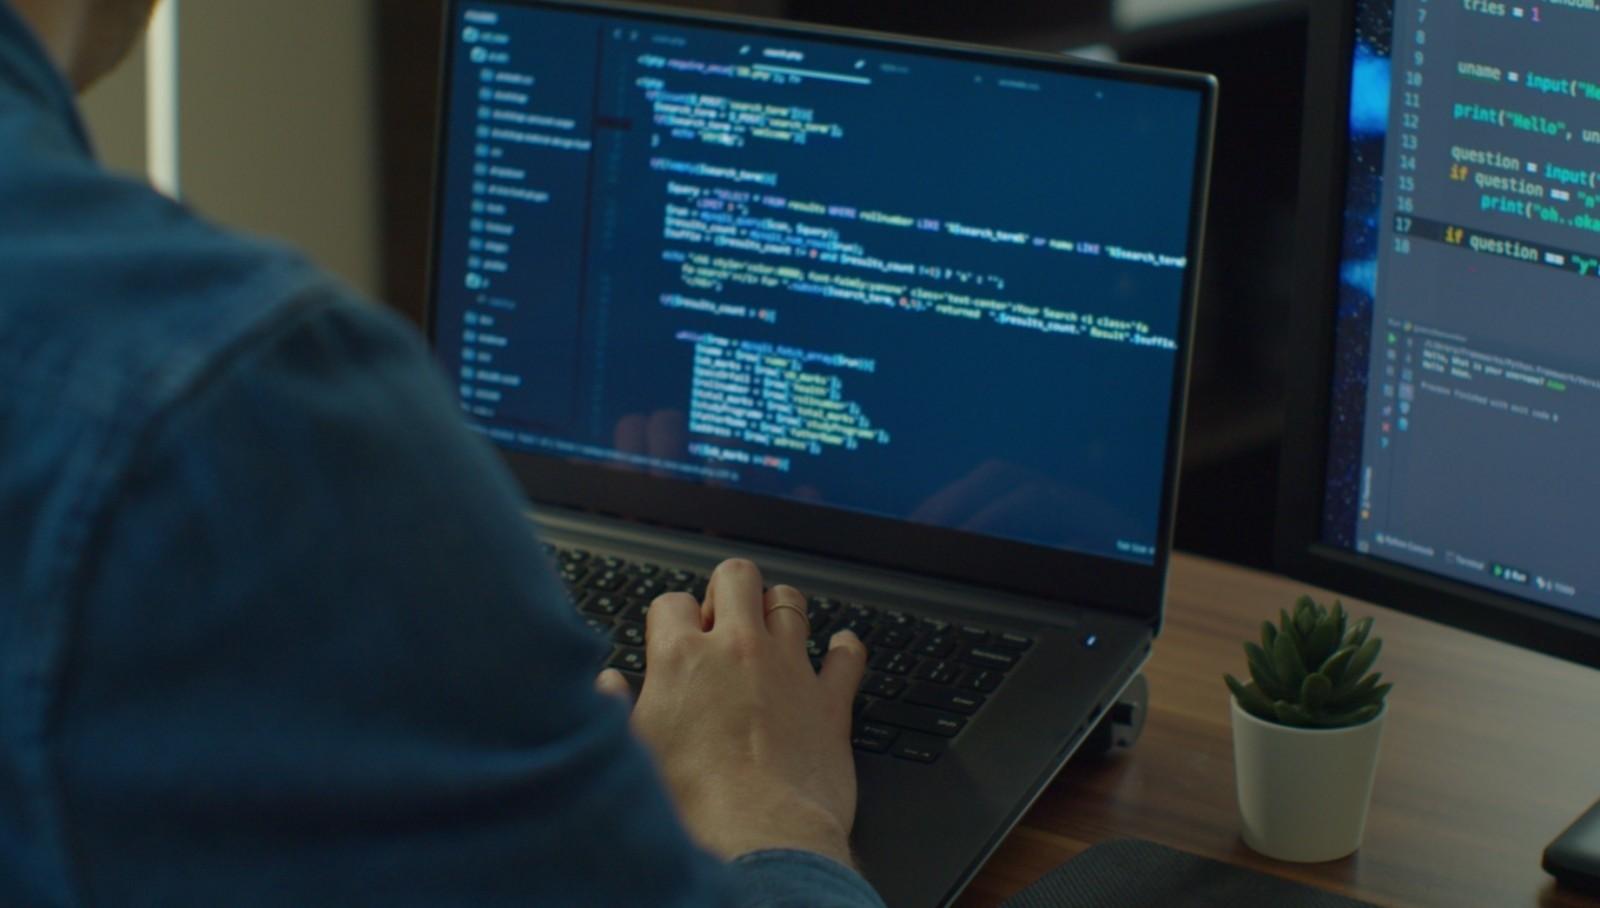 Coding image 1